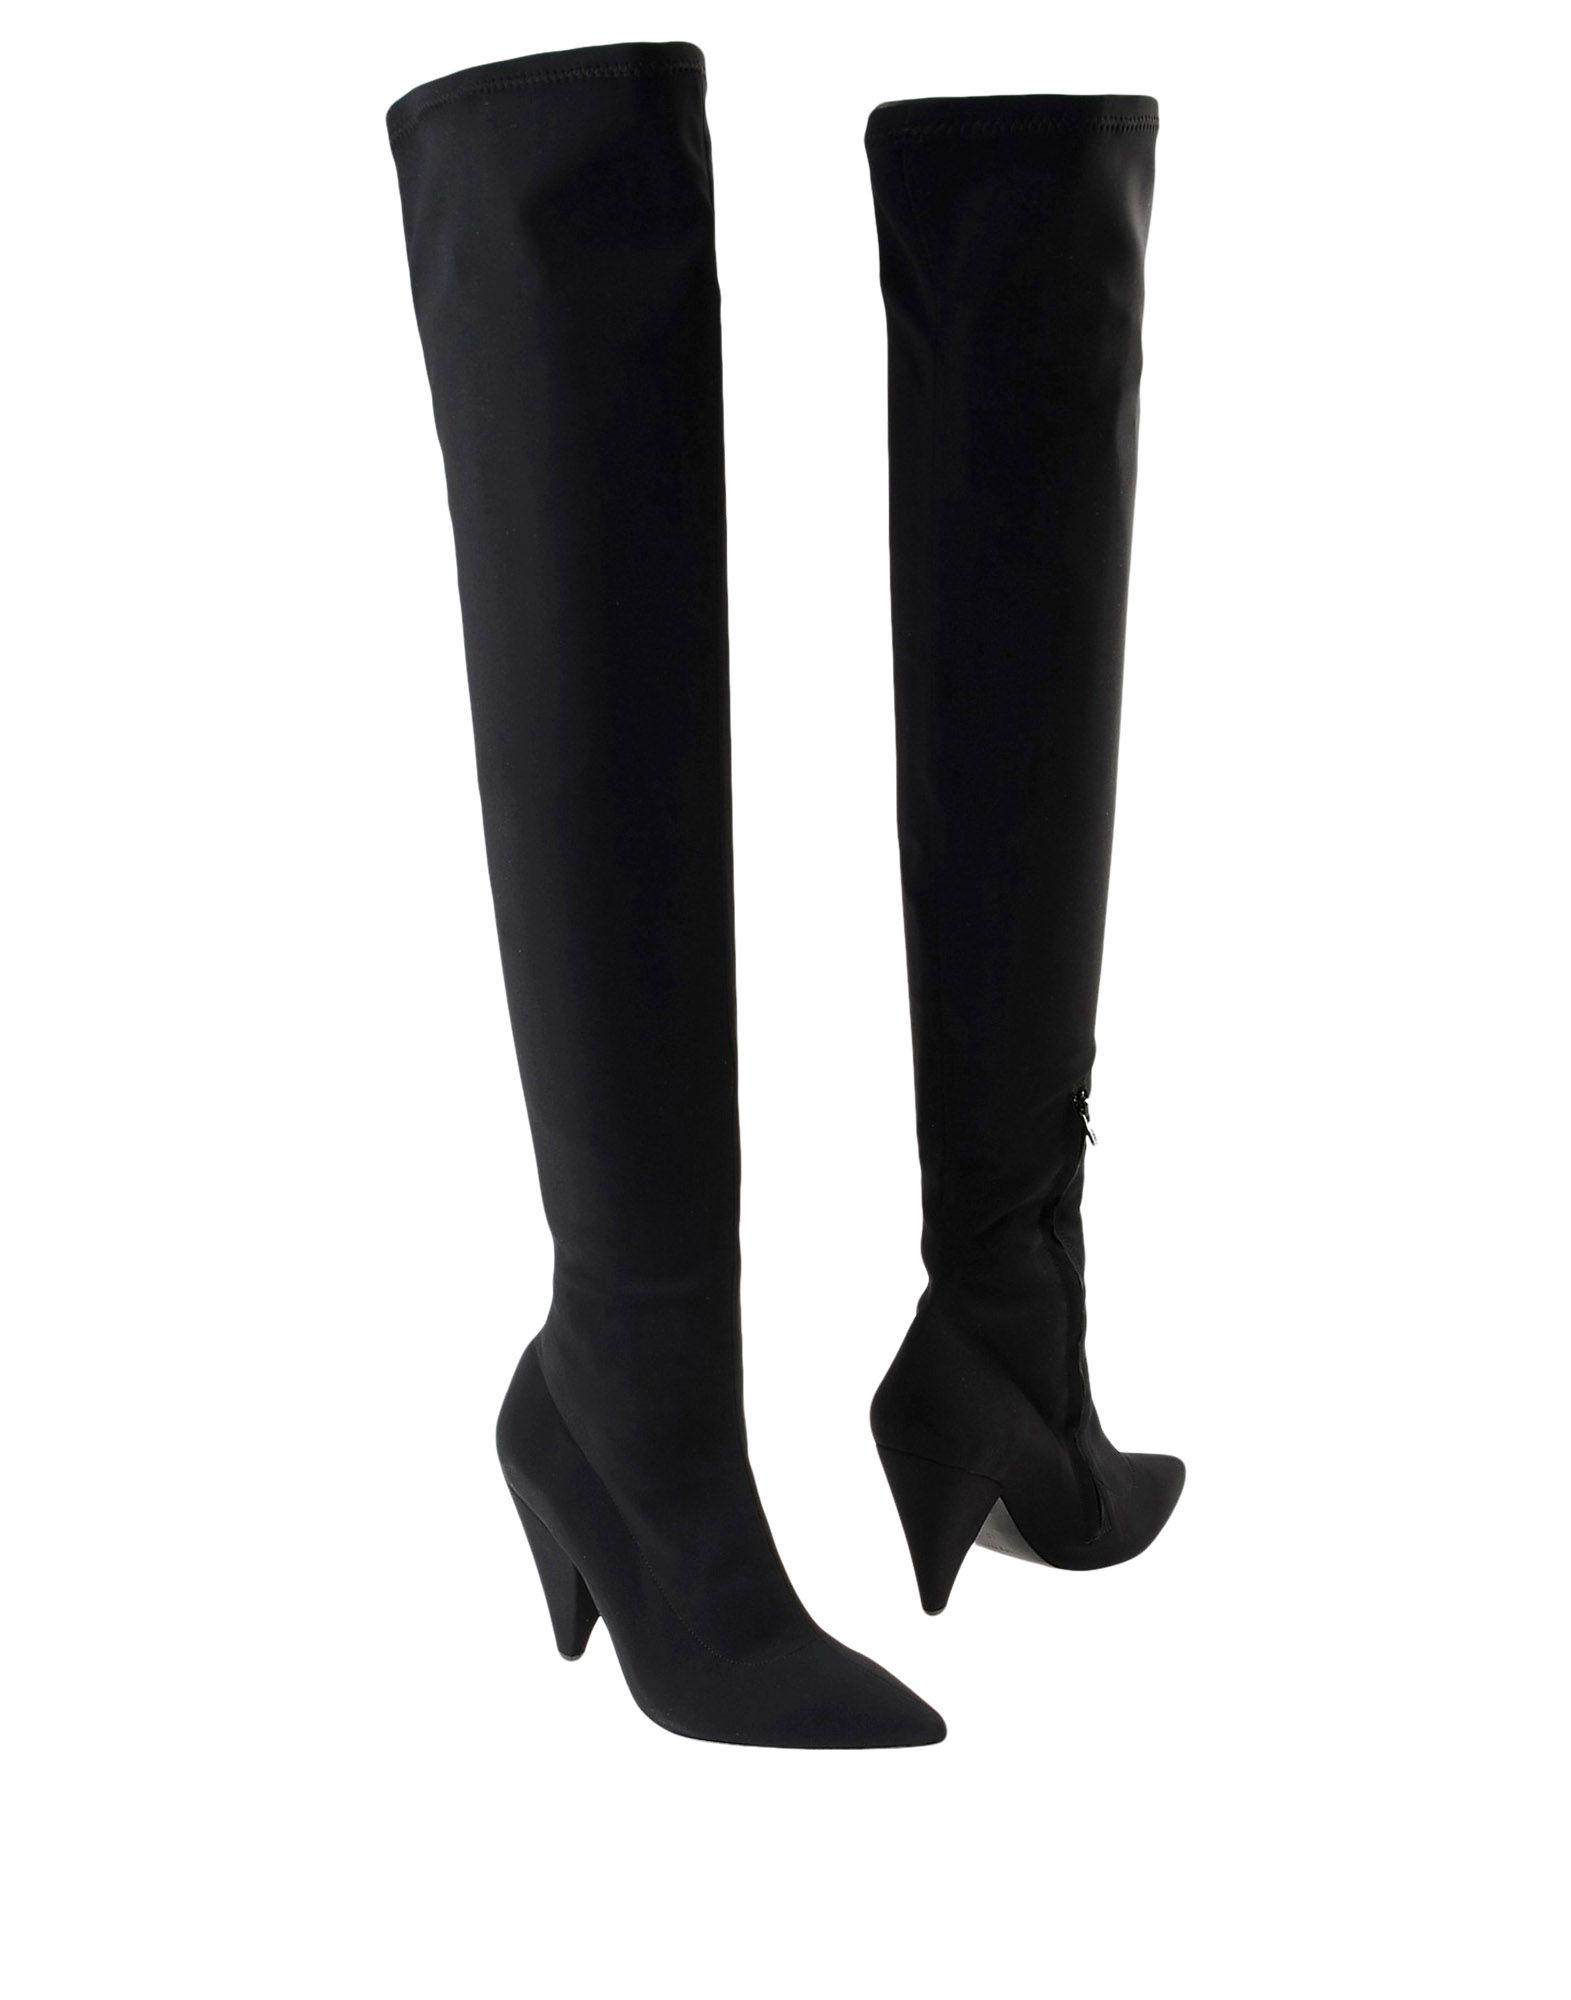 Jolie By Edward Spiers Stiefel Damen  11535454JOGut aussehende strapazierfähige Schuhe